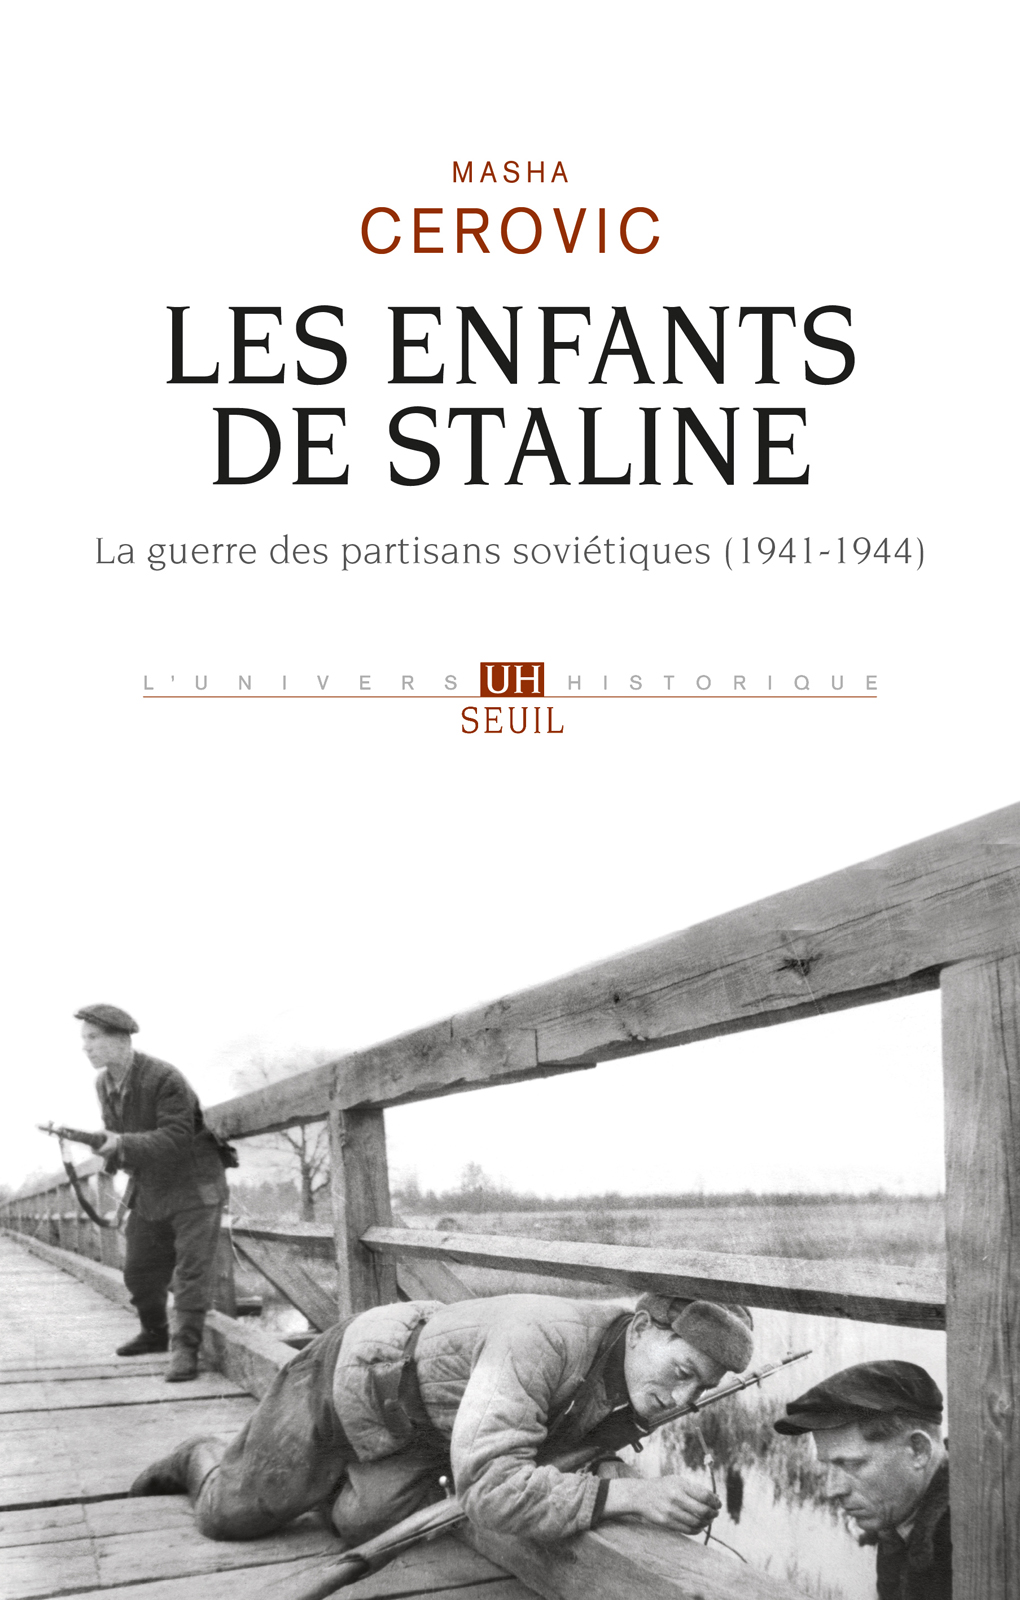 Nouveau livre sur la guerre des partisans soviétiques. Les_enfants_de_staline